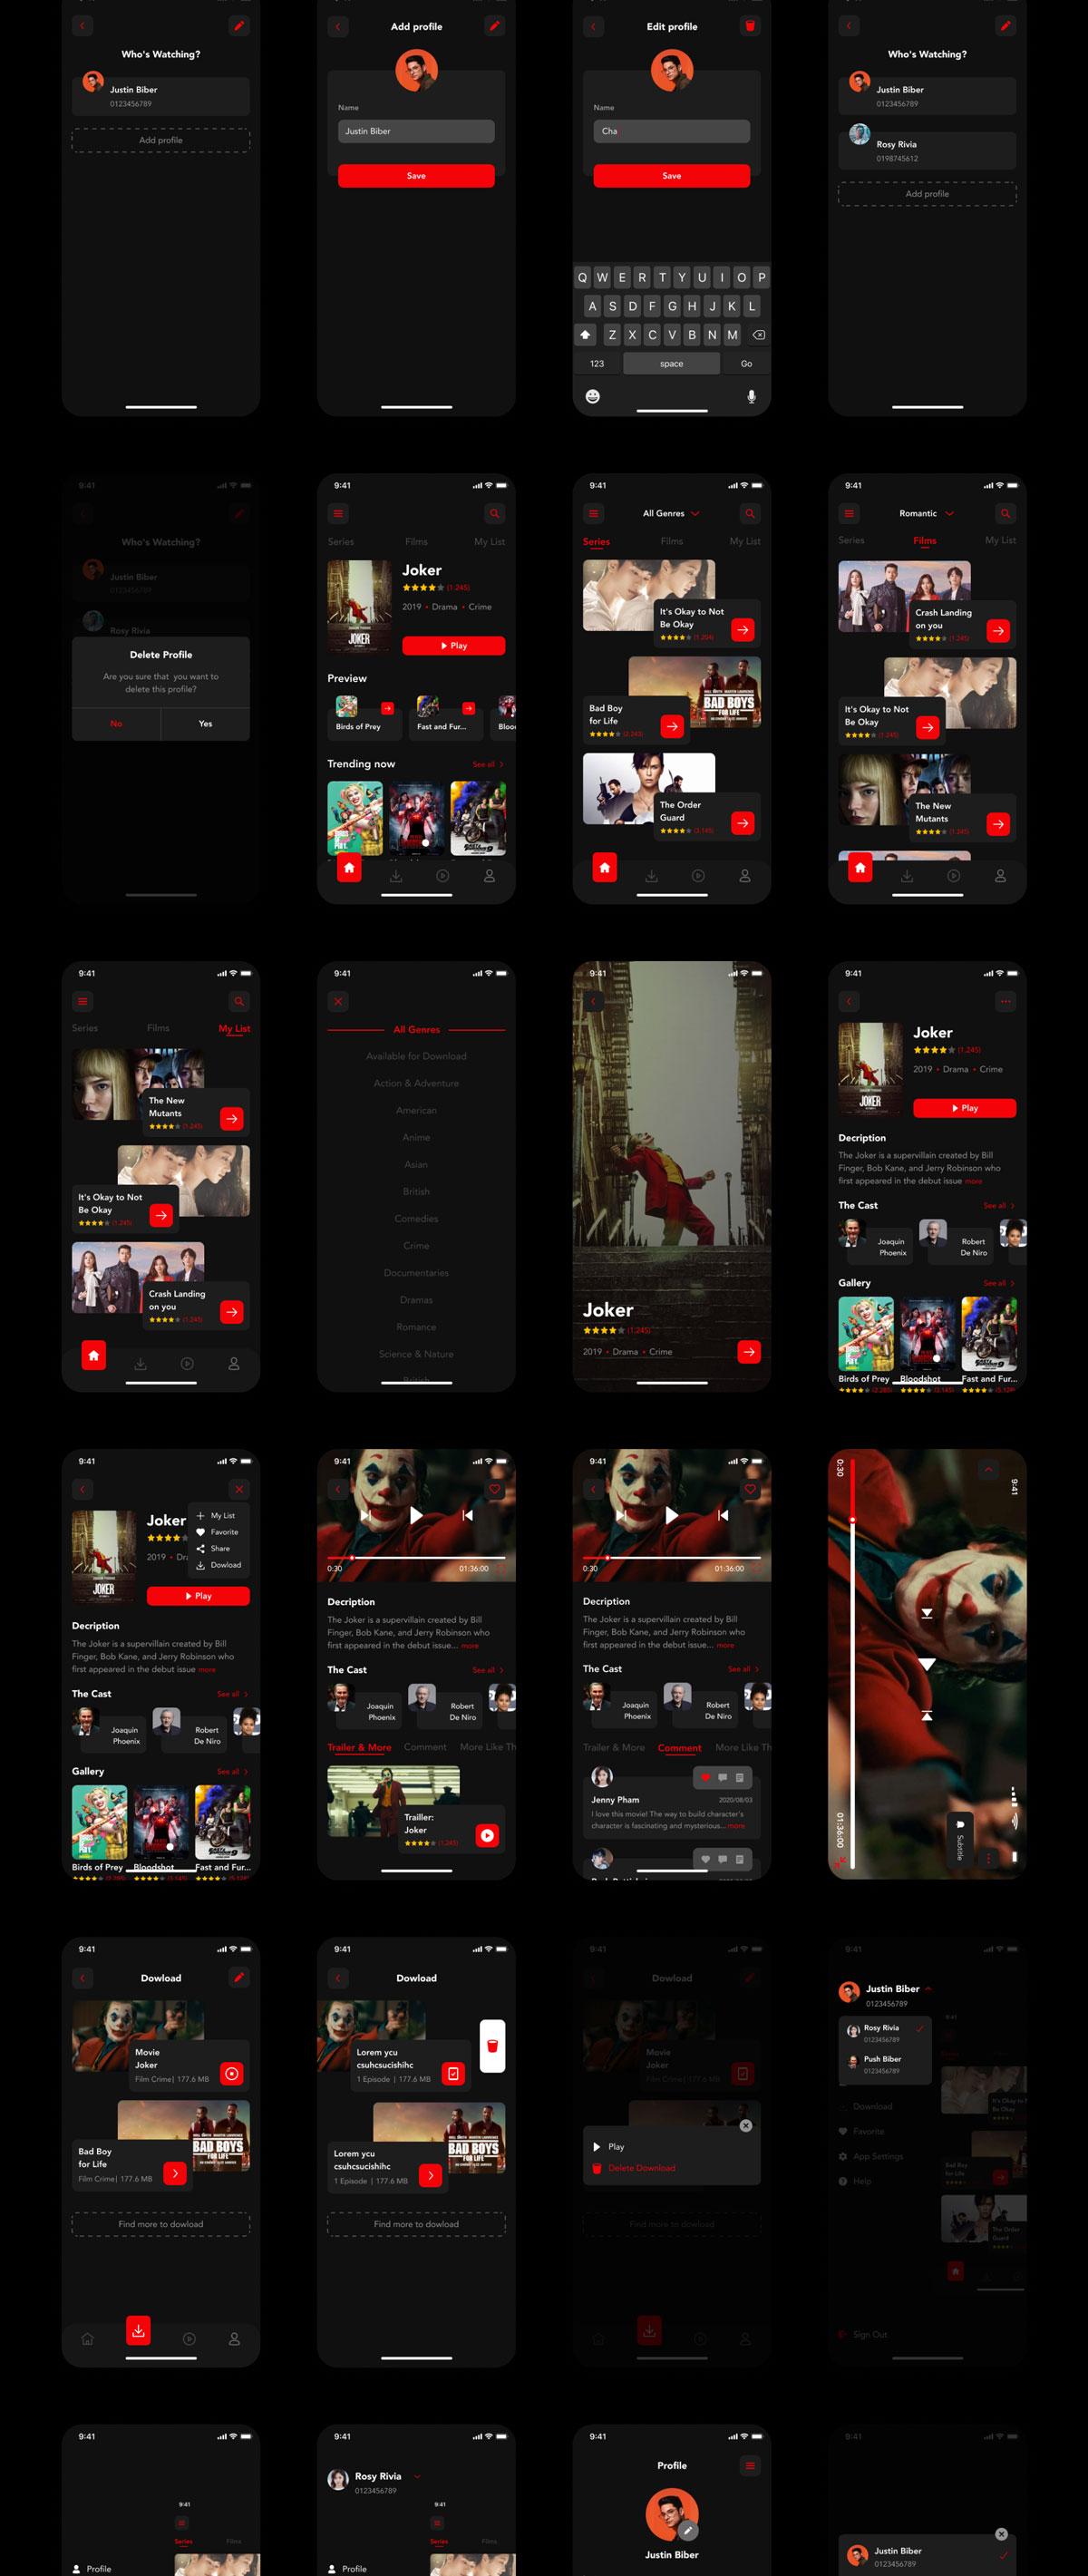 现代暗黑色电影视频娱乐APP应用程序界面设计UI套件 WaFilm – Entertainment App UI Kit插图1